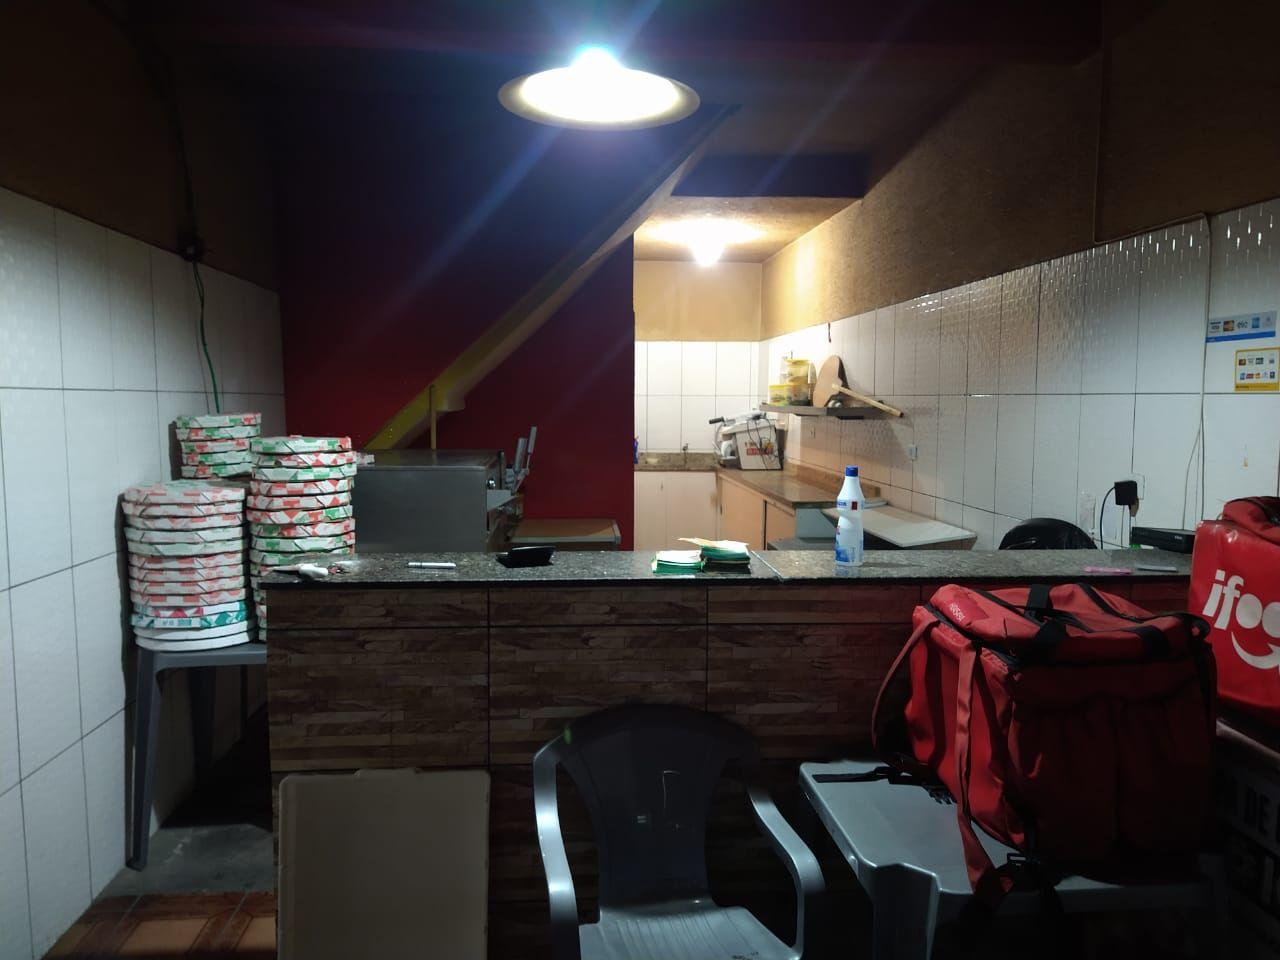 Ponto à venda, 60 m² por R$ 45.000,00 - Jardim Ipanema - Guarulhos/SP